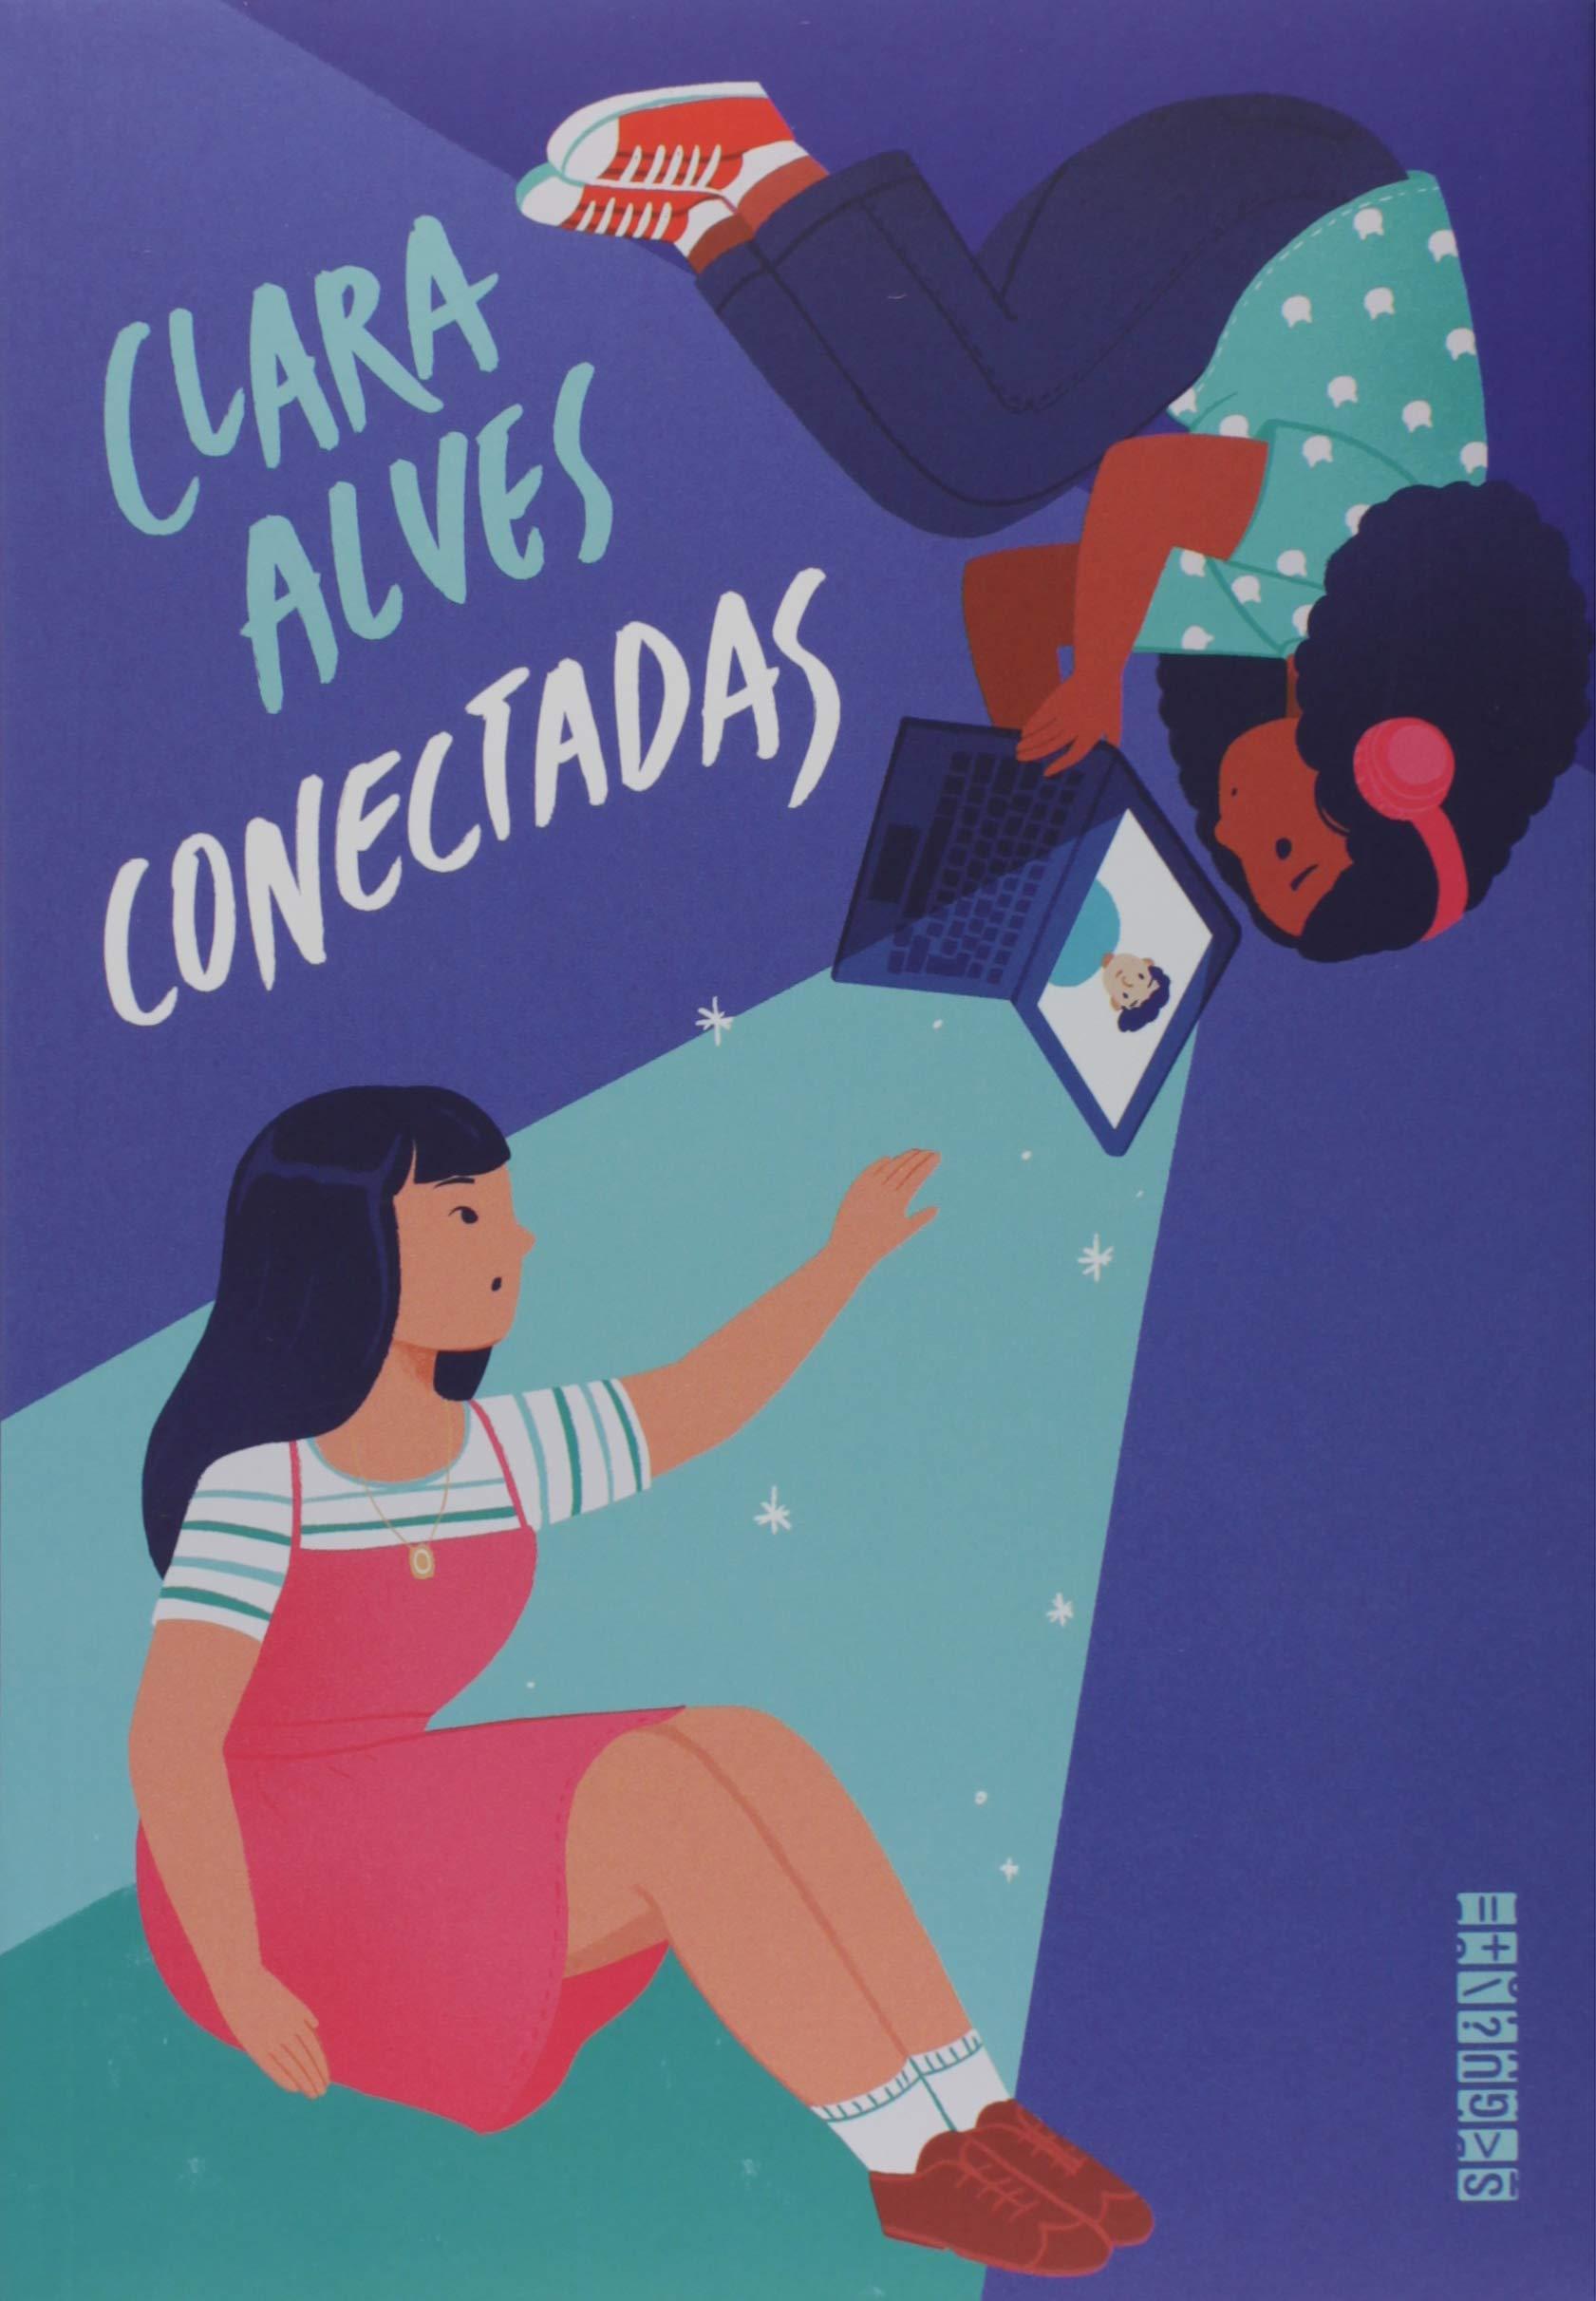 Livro 'Conectadas' de Clara Alves